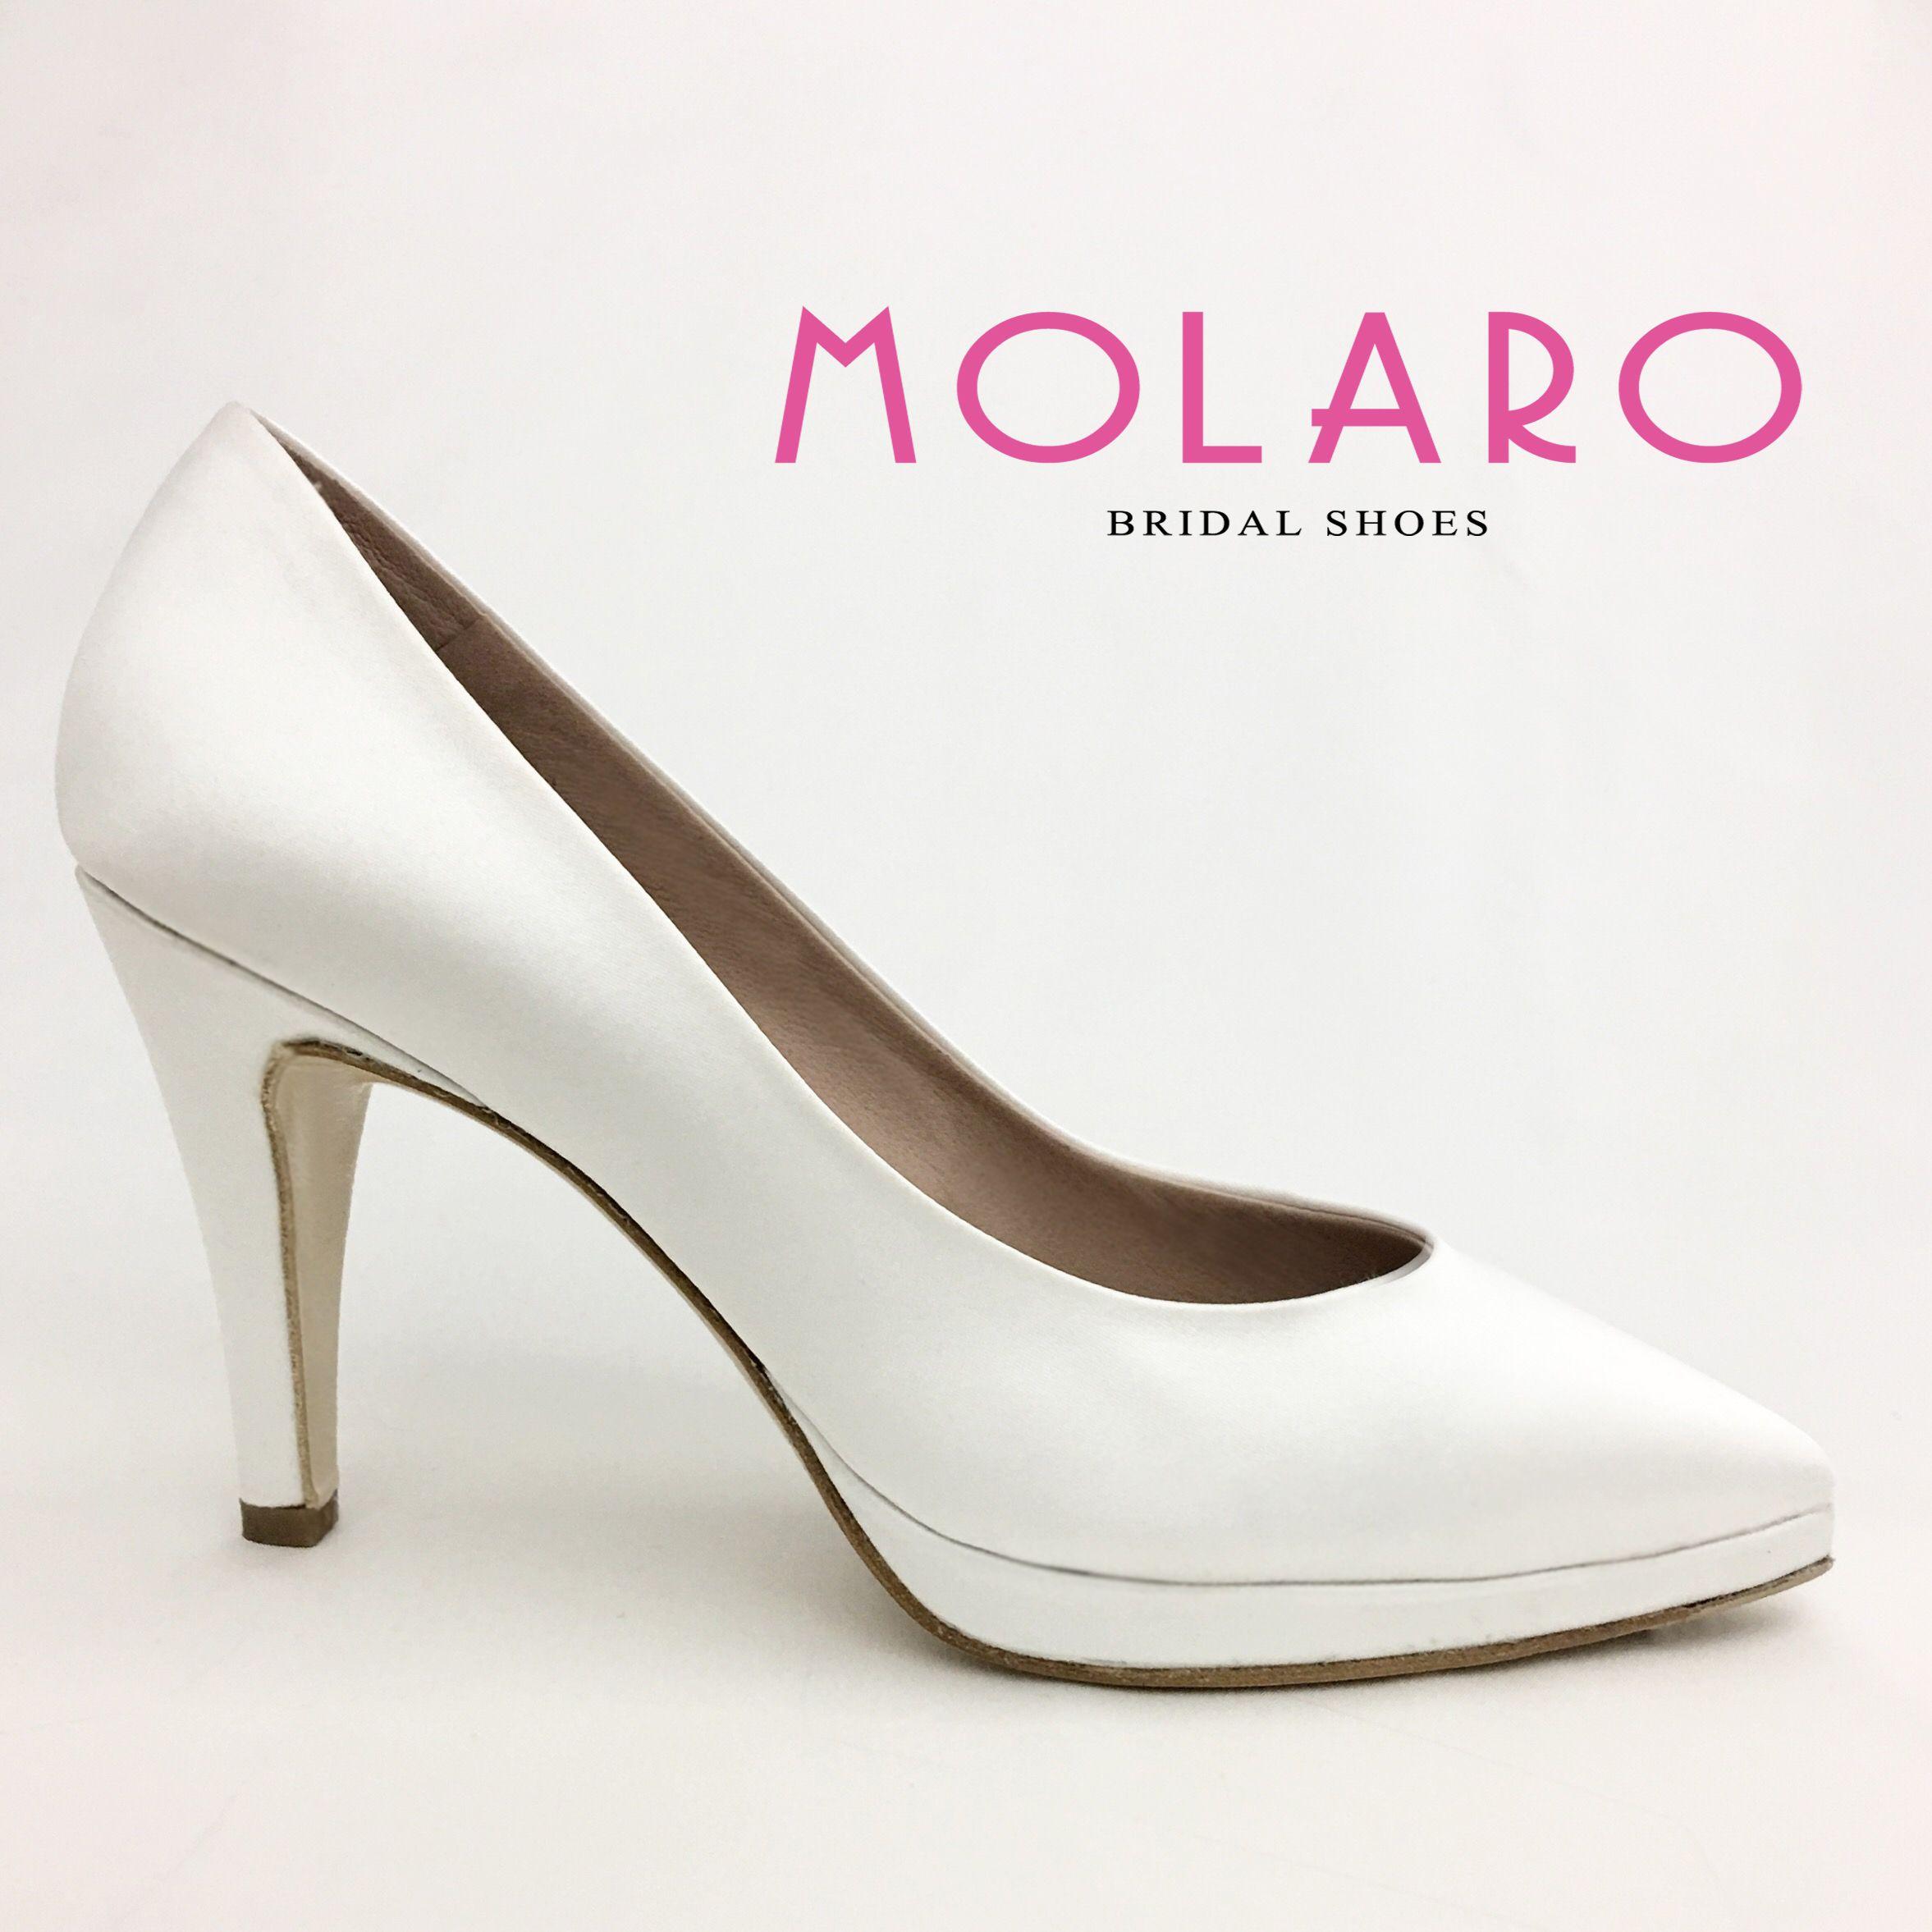 Scarpe Sposa Bianco Seta.Gianni Molaro Bridal Shoes Decollete In Raso Bianco Seta Art